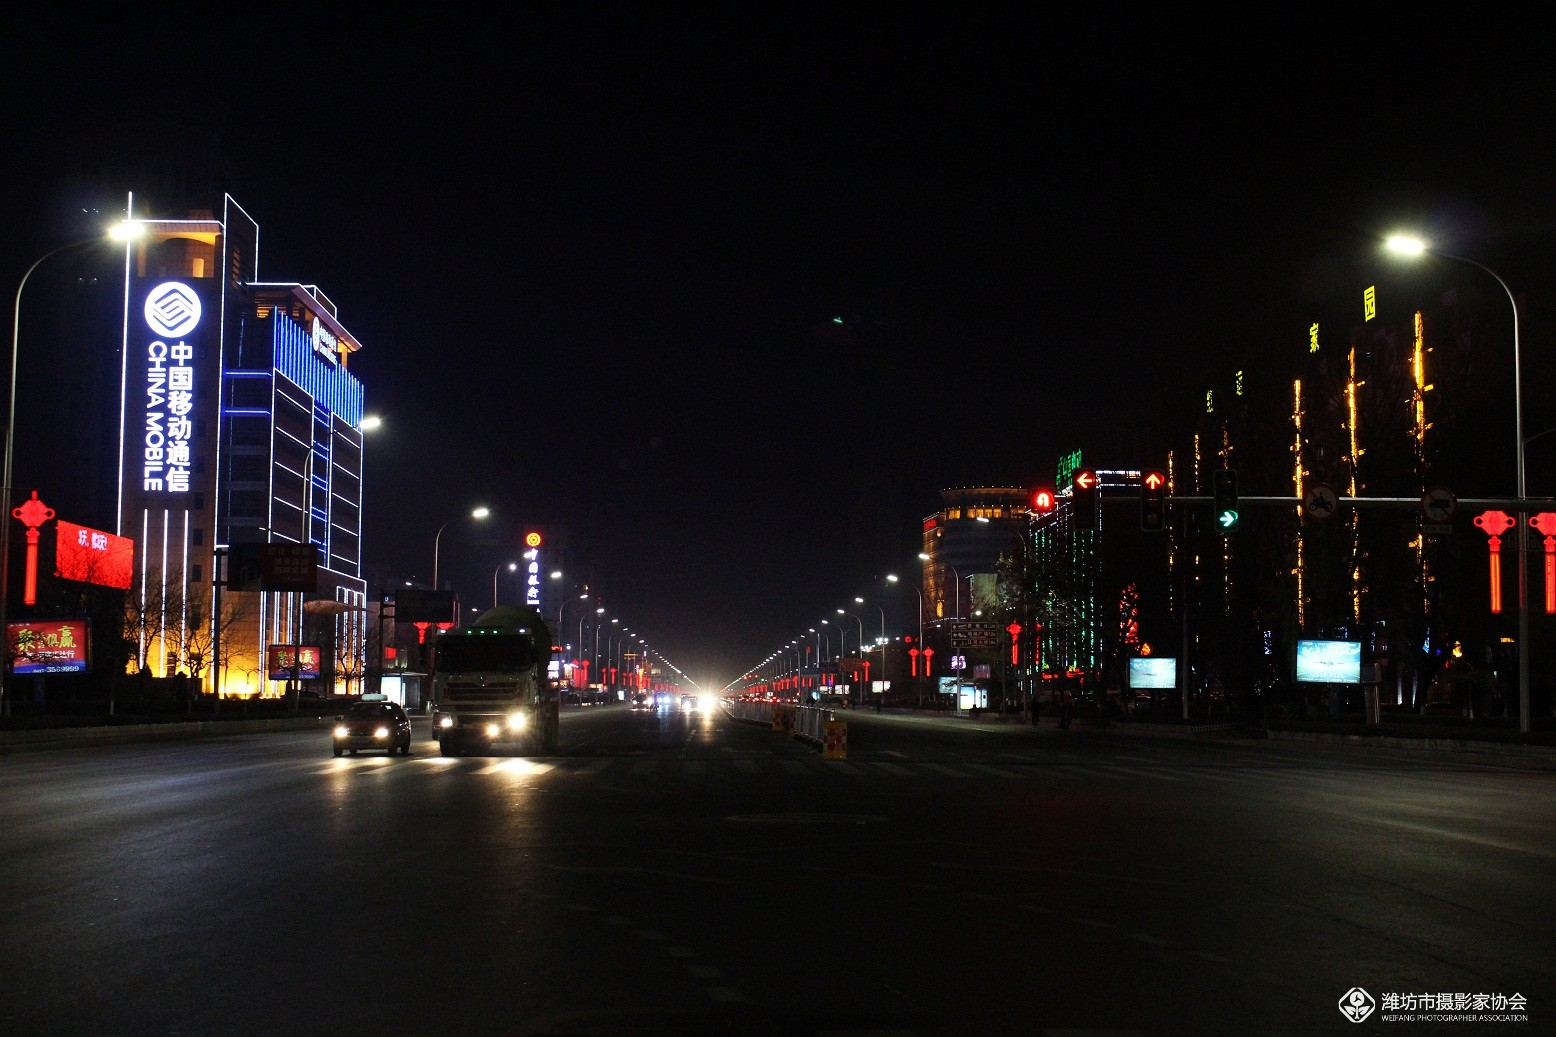 营口渤海大街 - 自然风光